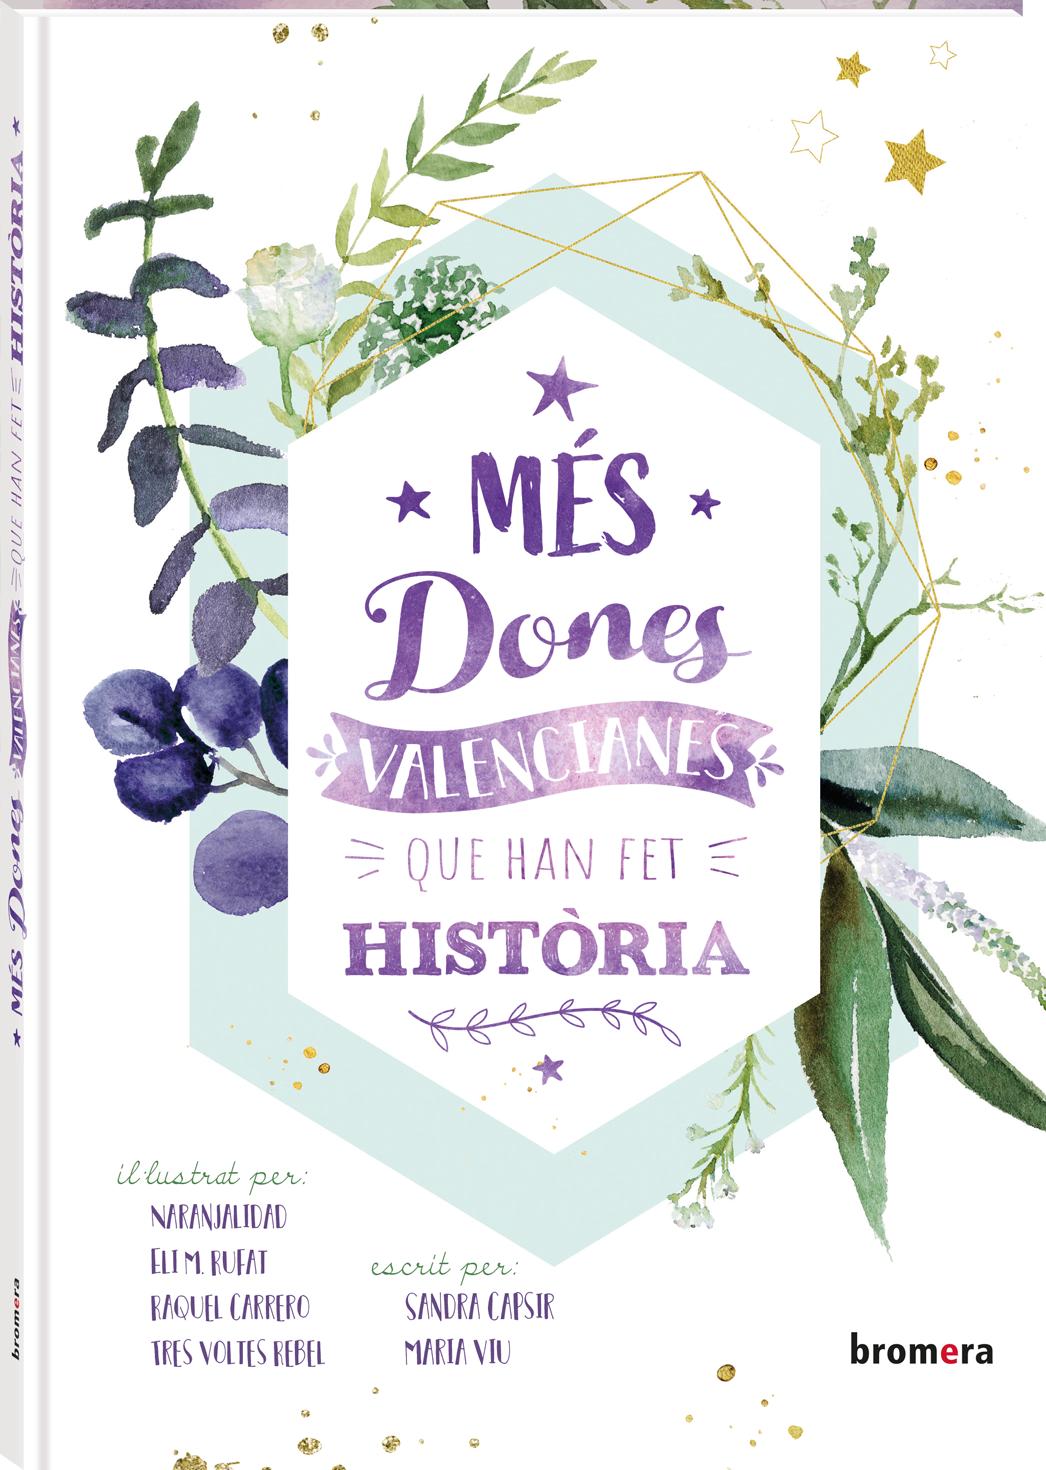 Mes-dones-valencianes-que-han-fet-histor